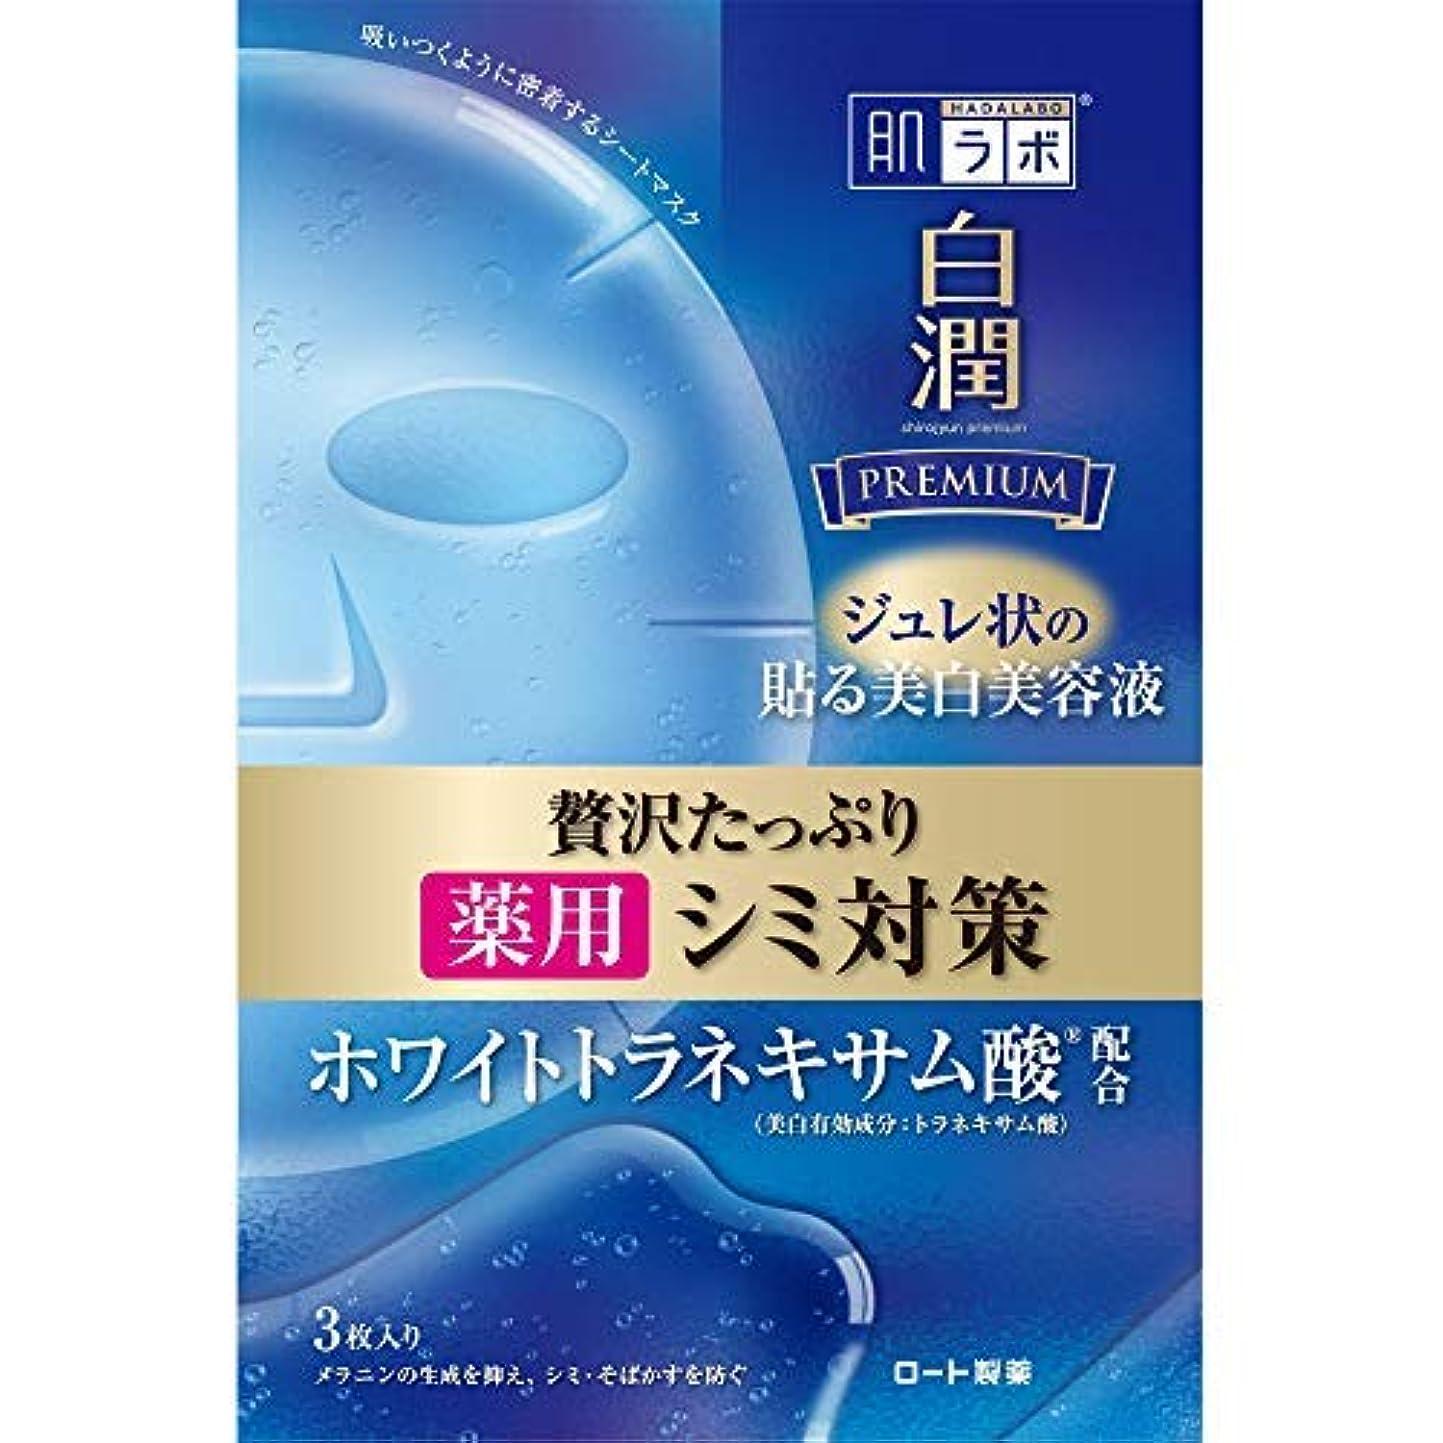 コイル仮説瞑想肌ラボ 白潤プレミアム 薬用浸透美白ジュレマスク × 10個セット